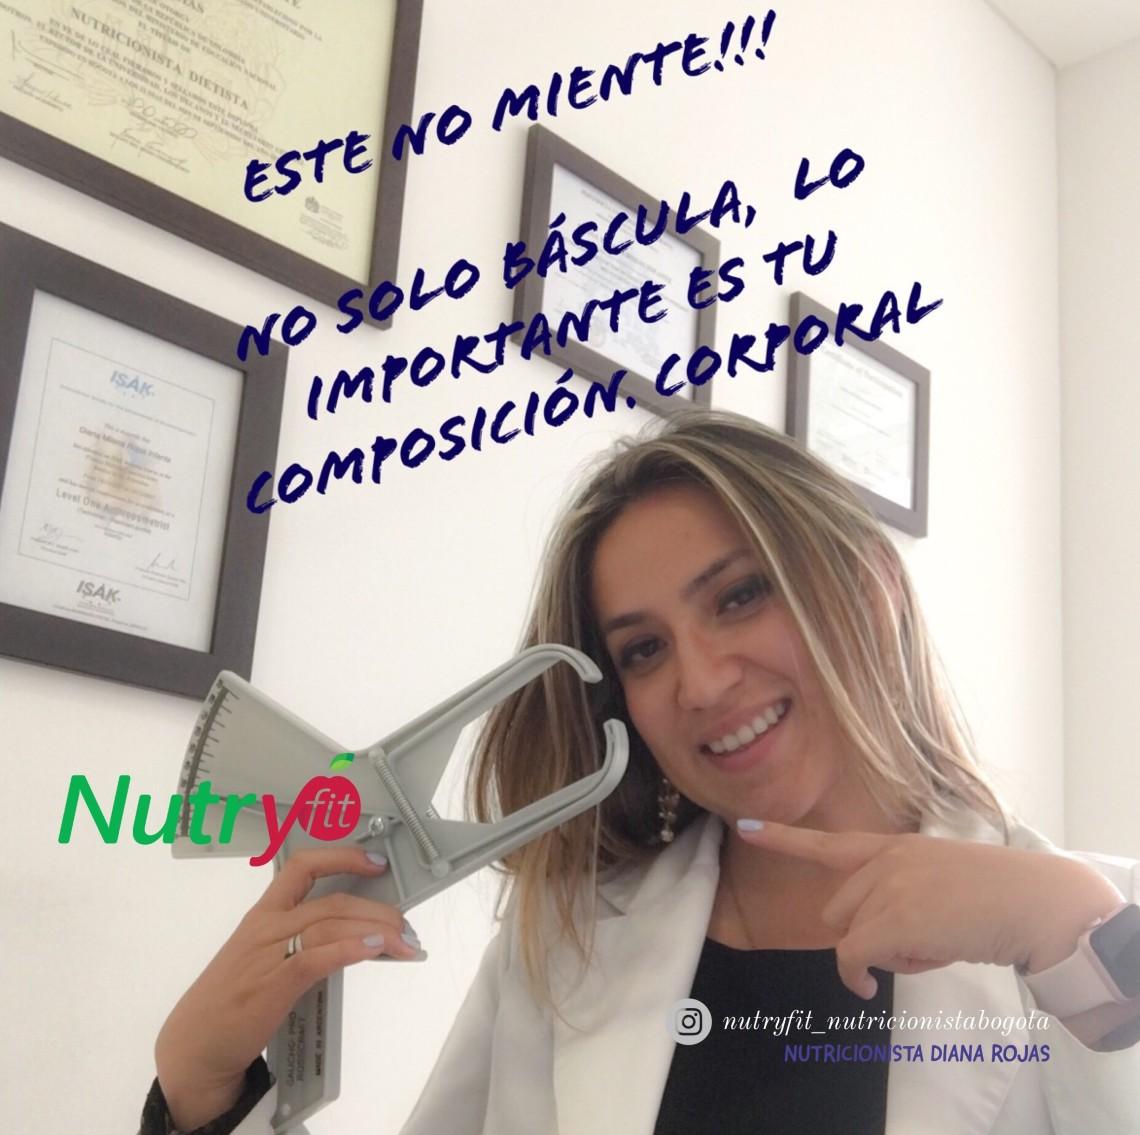 nutricionista Bogota, Nutricionista Diana Rojas, Nutryfit, nutricionista vegetariana, mejor nutricionista Bogota. nutricionista funcional